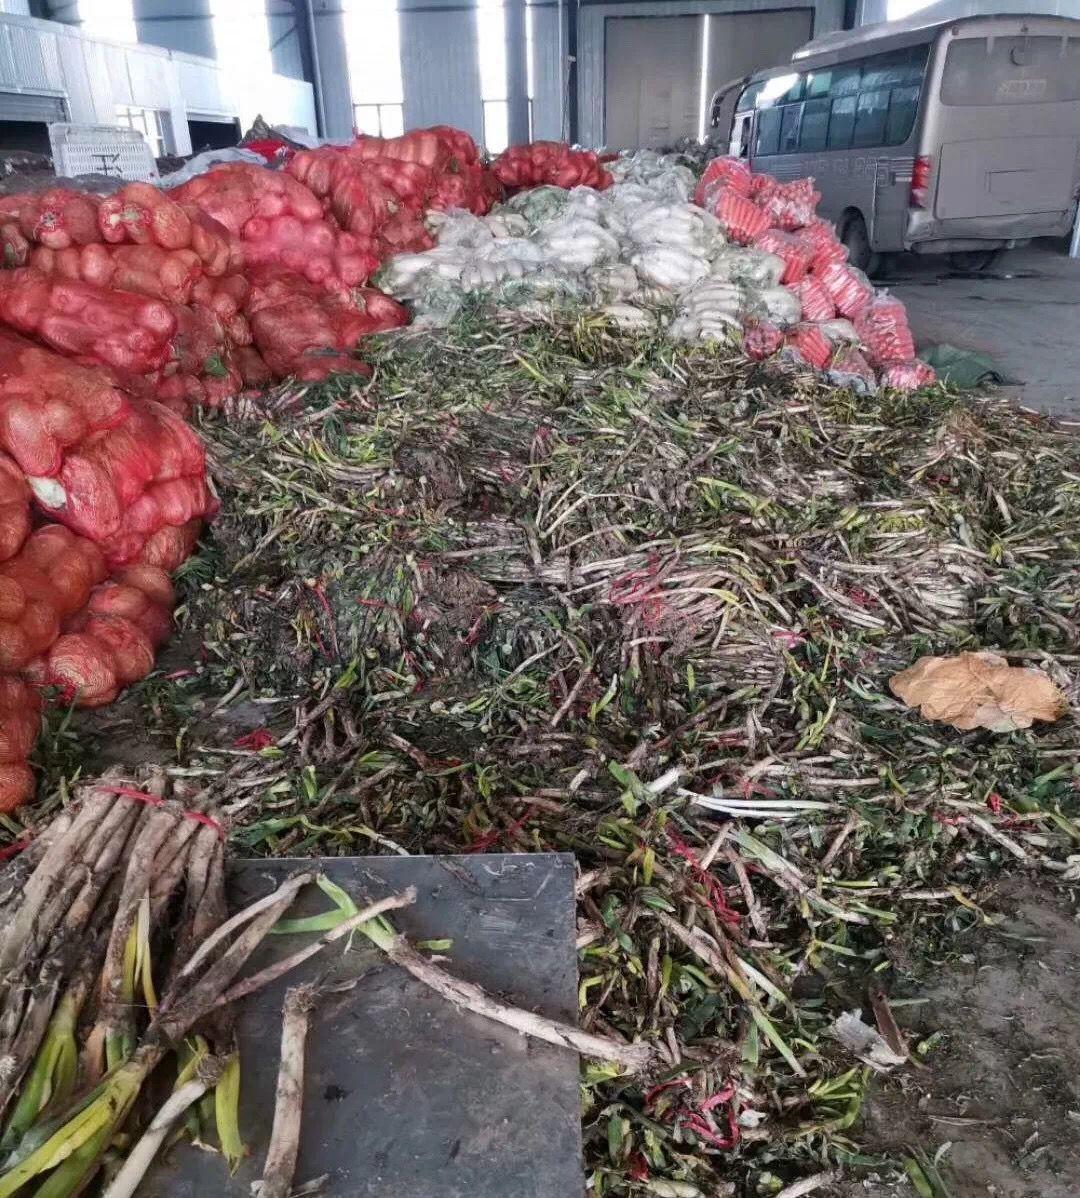 圖片顯示,大蔥堆在地上,已有不同程度腐壞。網絡圖片